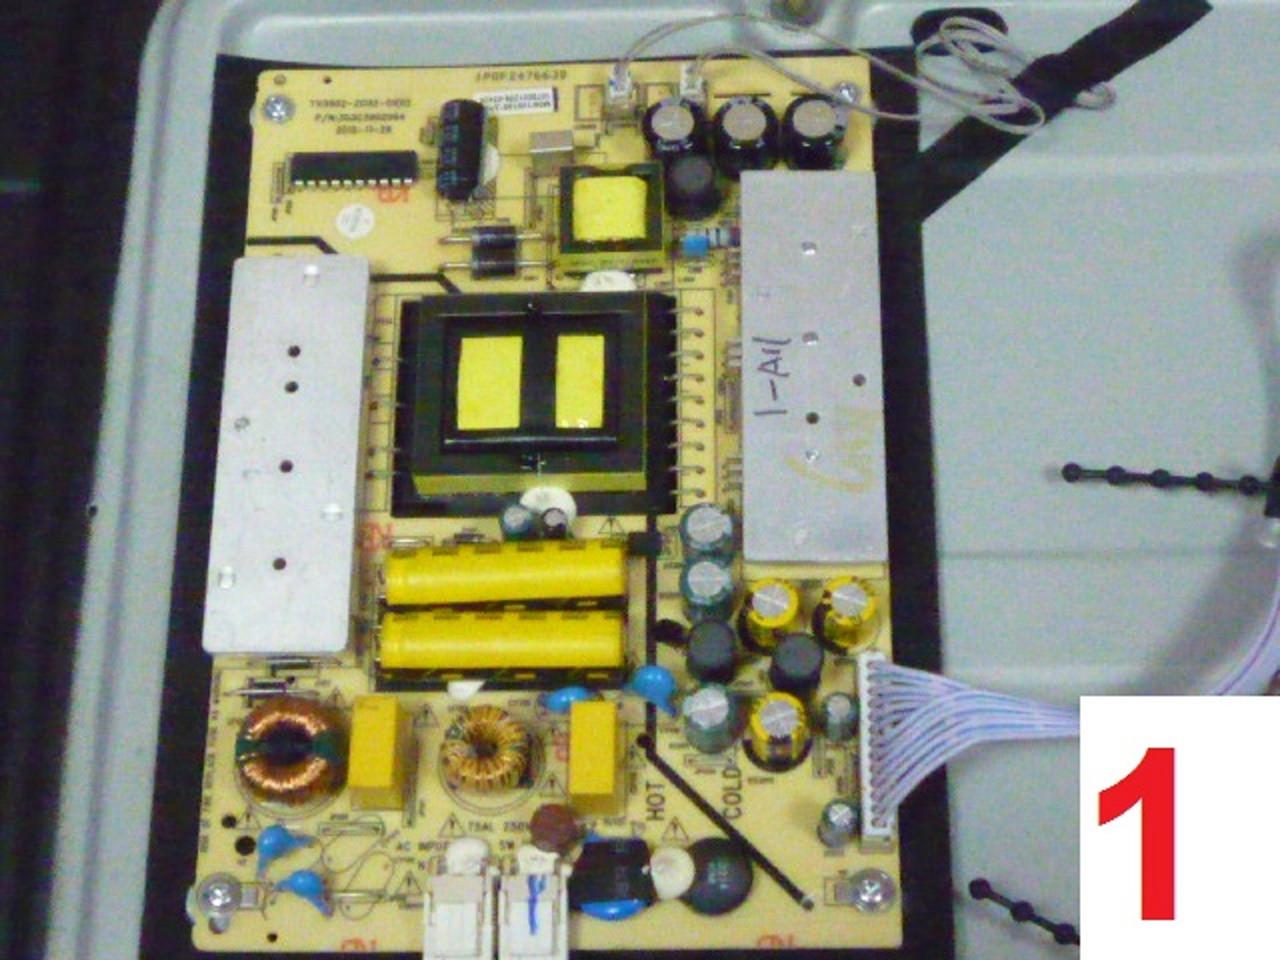 Блоки живлення для LED, LCD (РК) телевізорів Bravis, Supra, Meredian і інших китайських брендів.